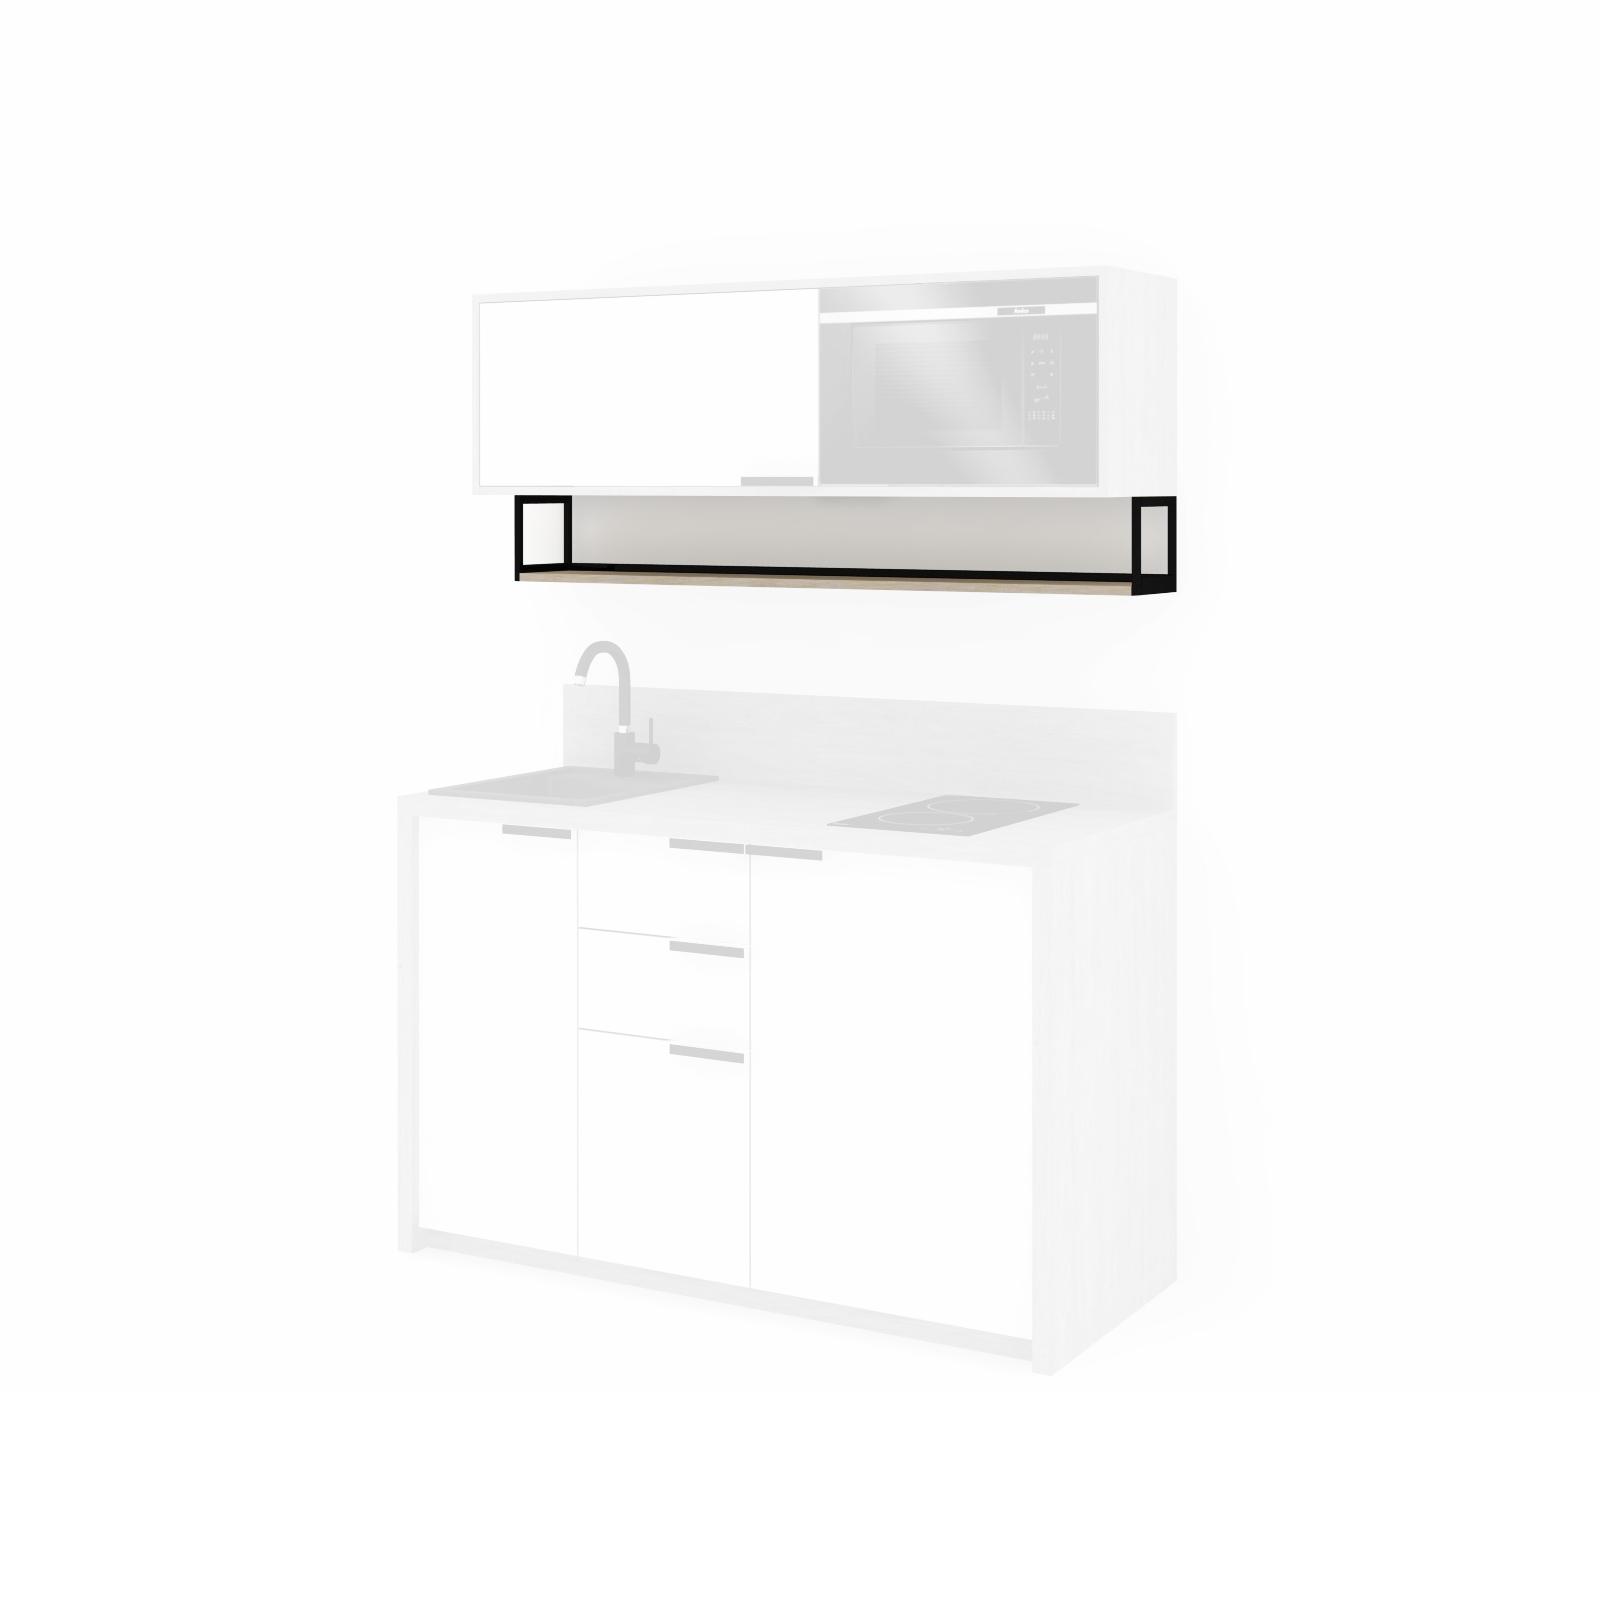 shelf below cabinets